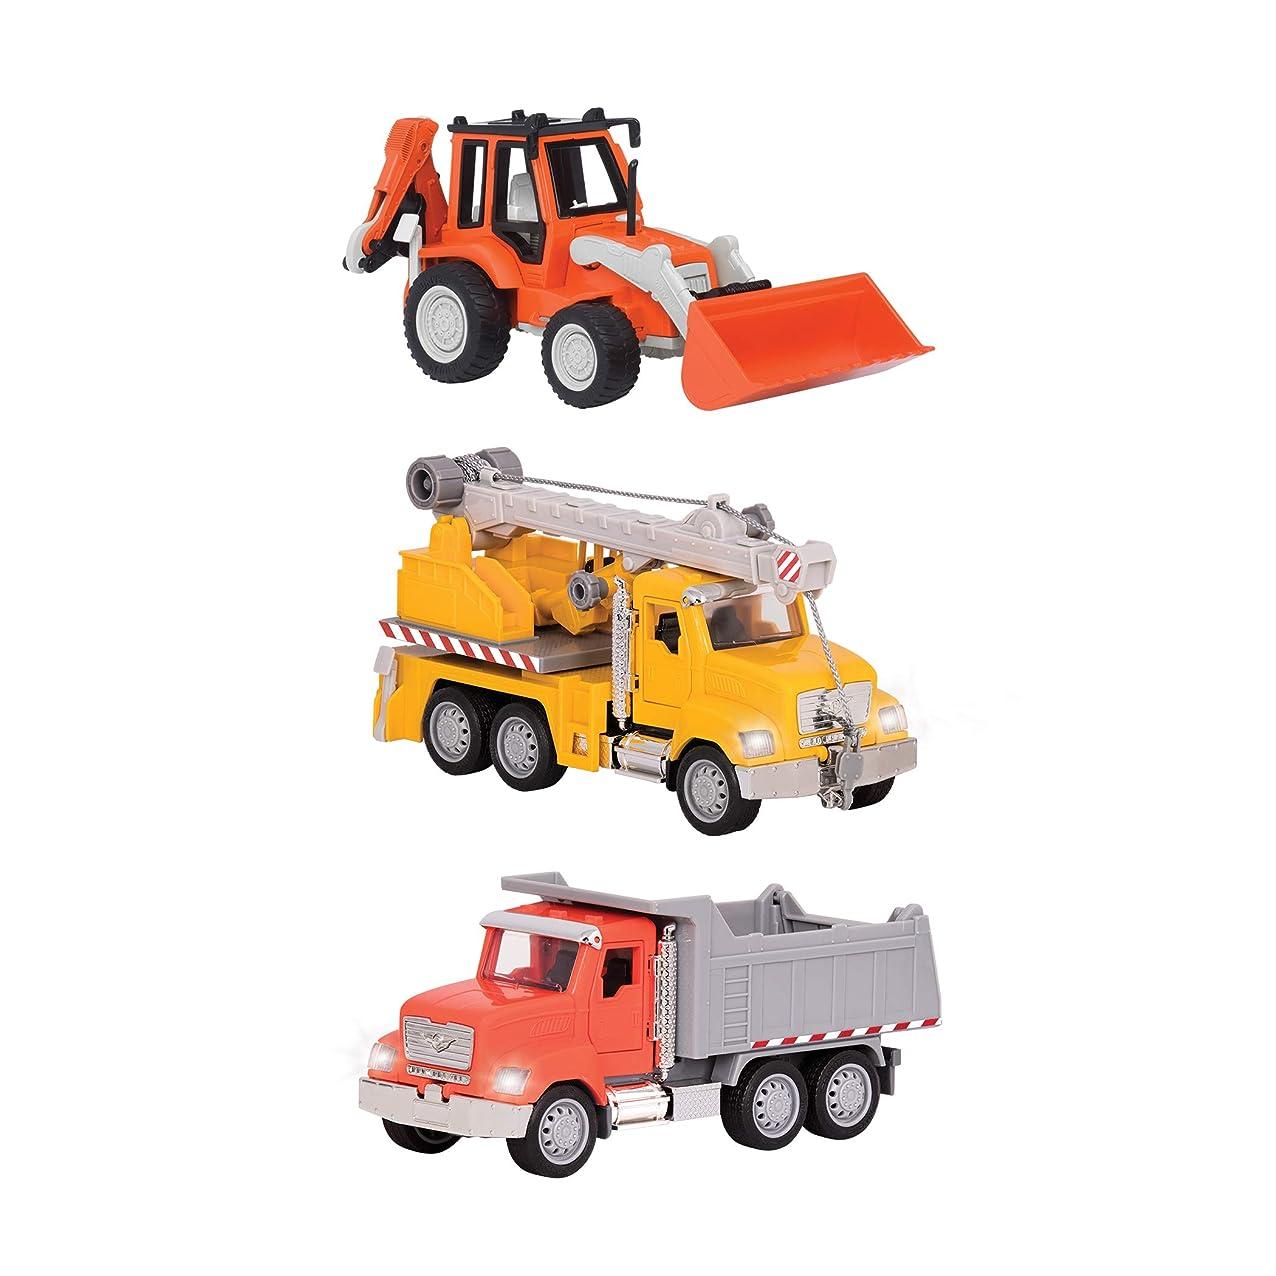 腐敗少なくとも避けるドリブン(Driven) Micro Construction Fleet WH1179Z 正規品